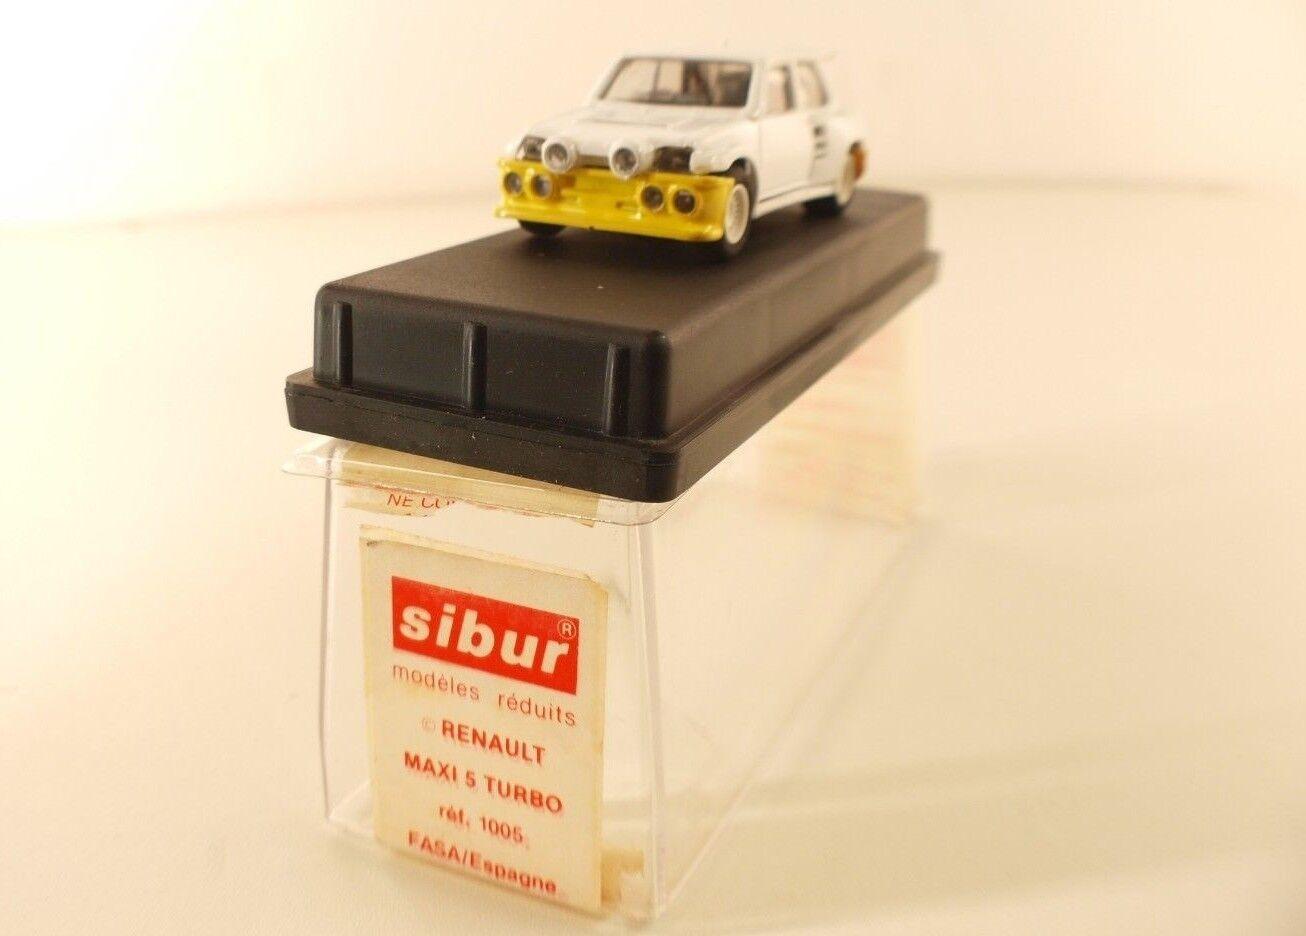 Sibur n.1005 renault Maxi 5 turbo Costa Brava 1986 New in Box 1 43 MIB